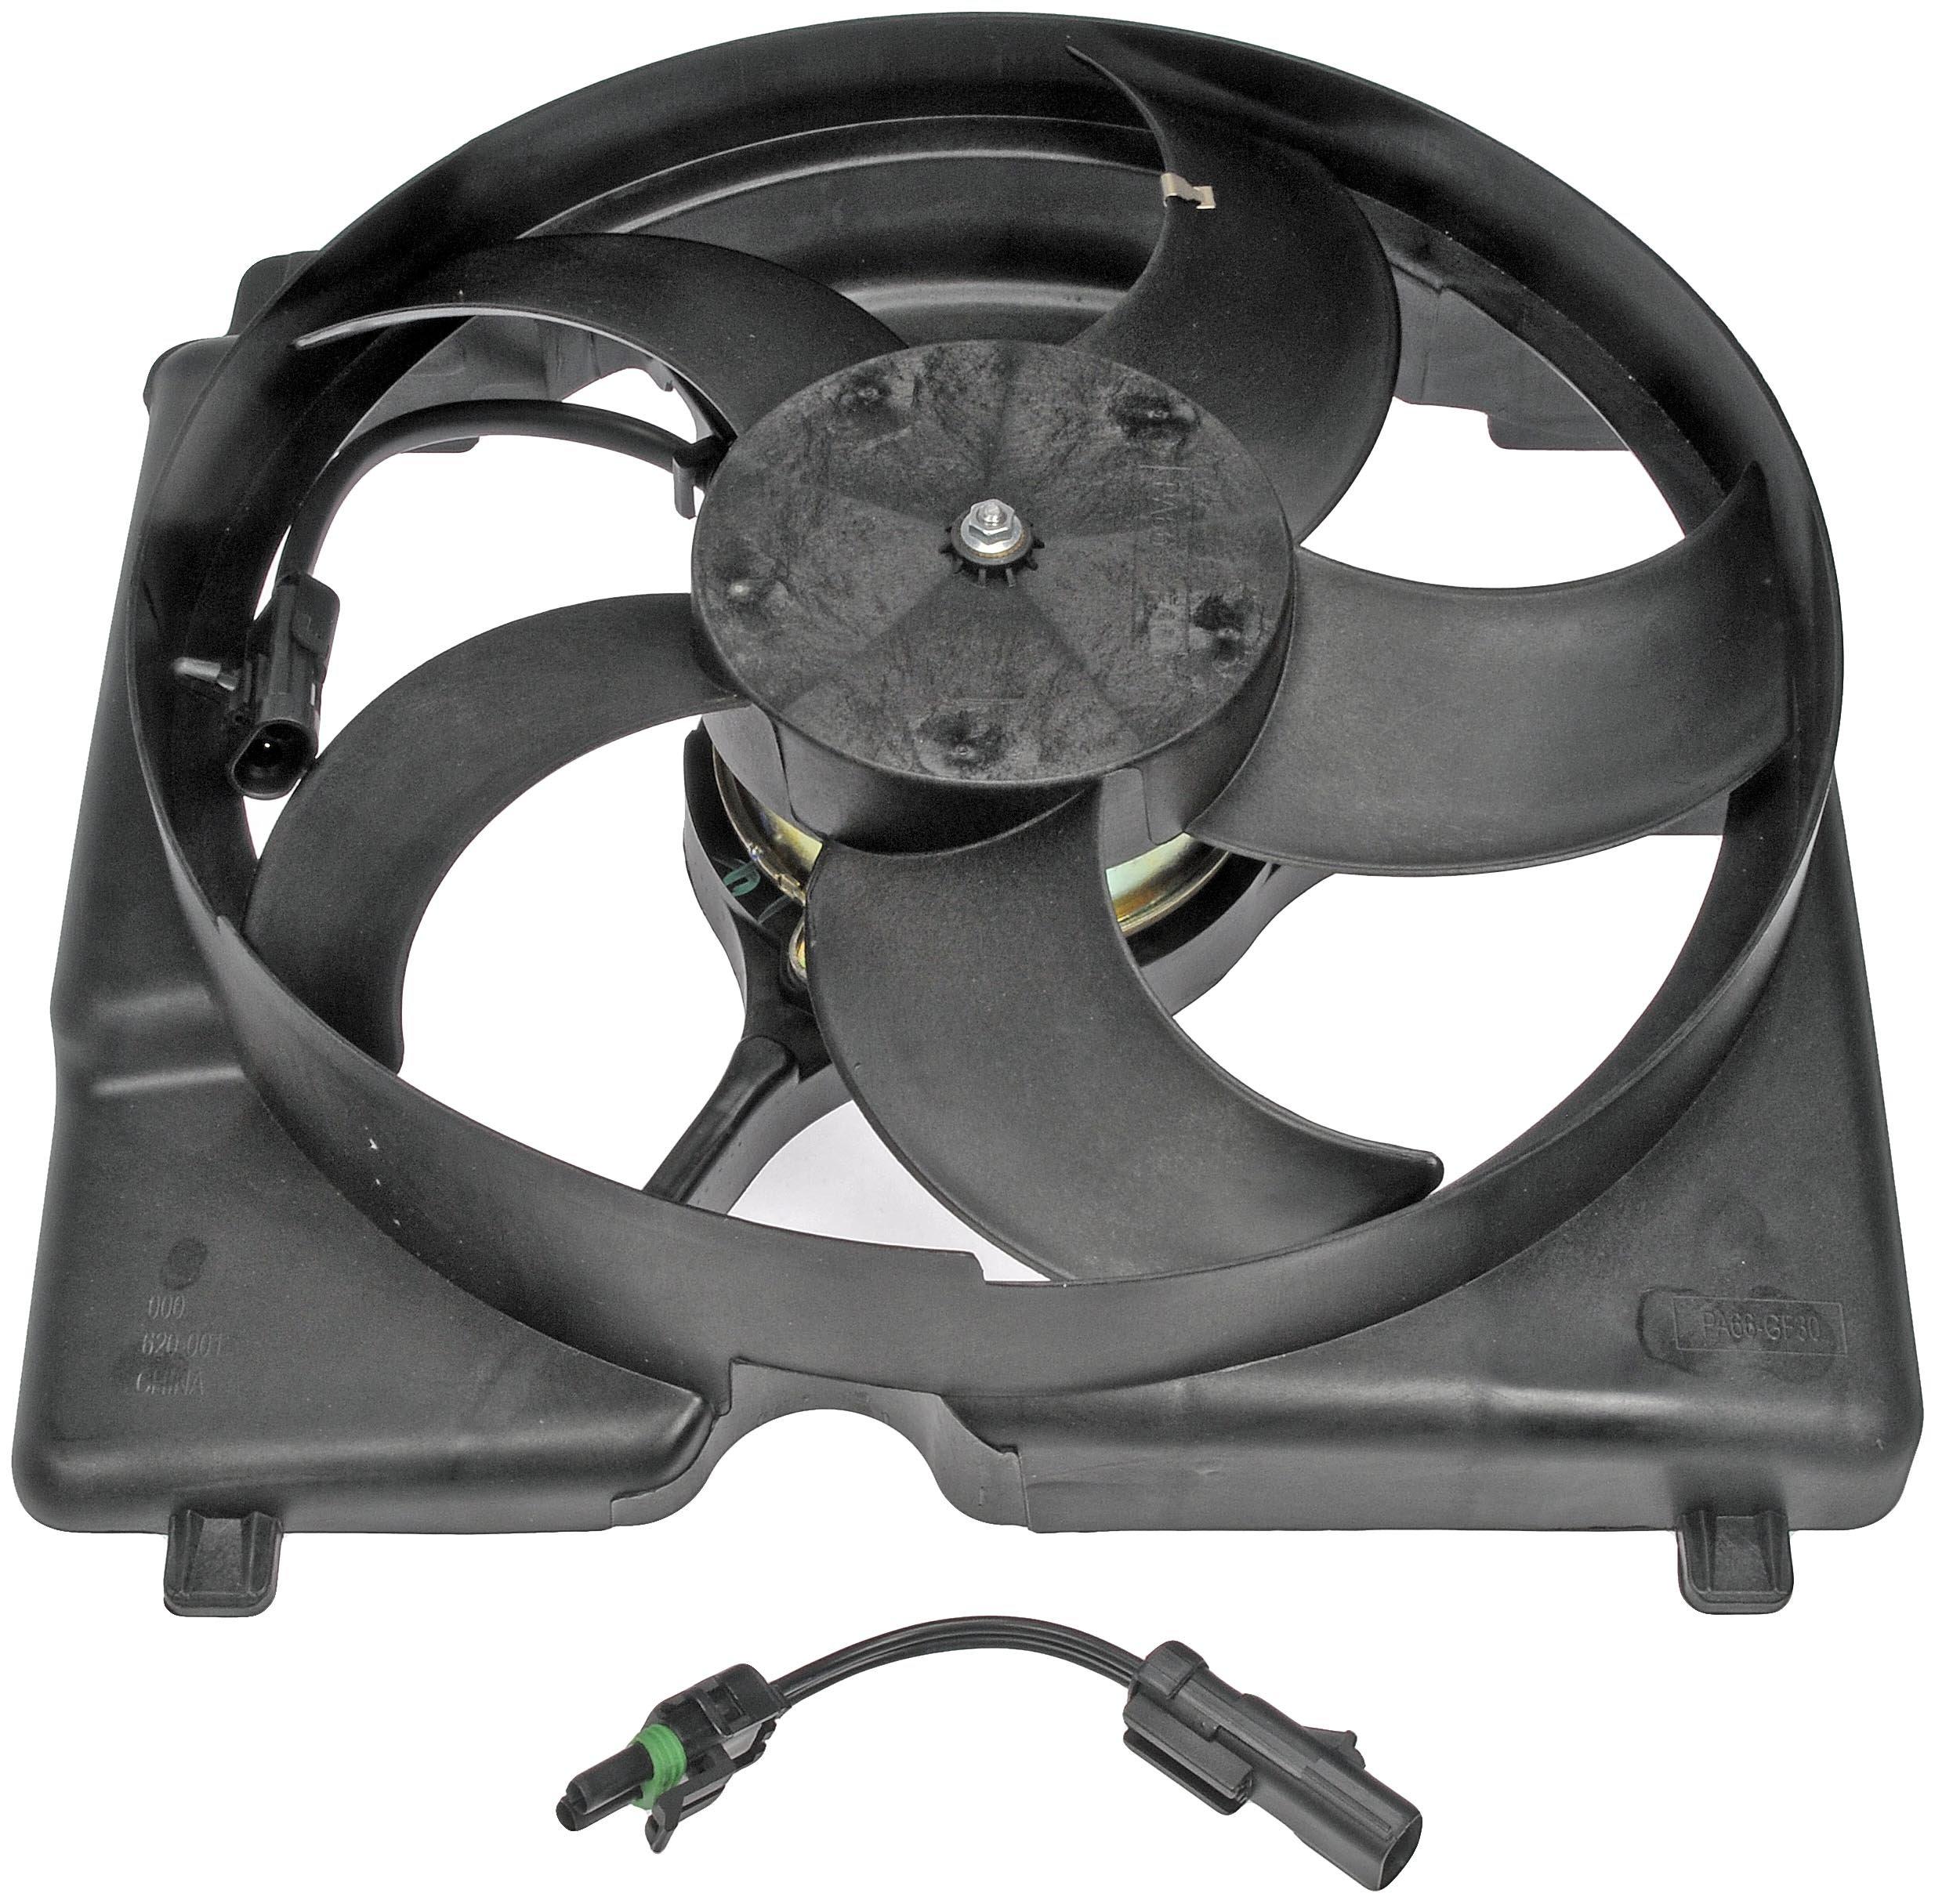 Dorman 620-001 Radiator Fan Assembly